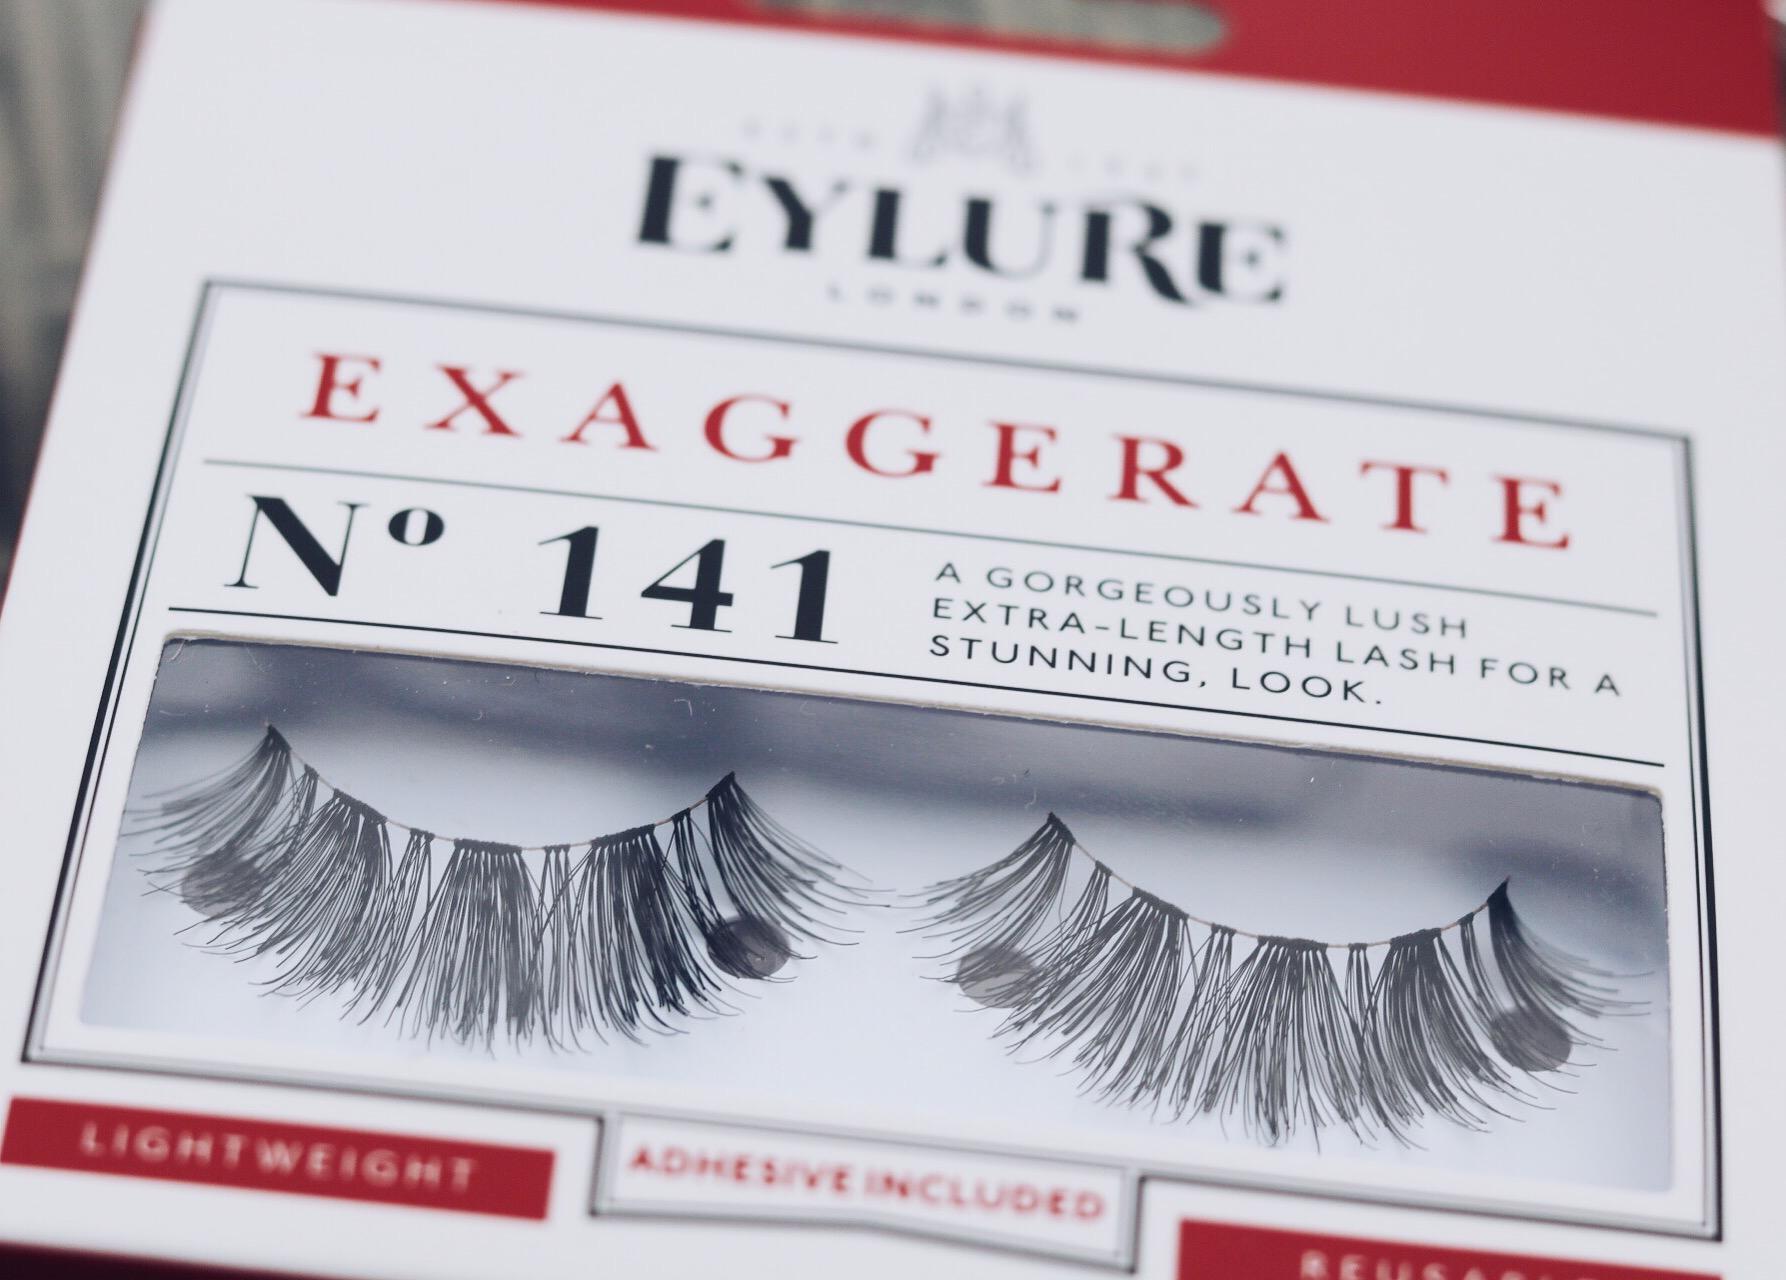 Lösögonfransar från Eylure nr 141 amandahans skönhetsblogg skönhetsbloggare tips långa fransar ögonfransar ardell nelly.com